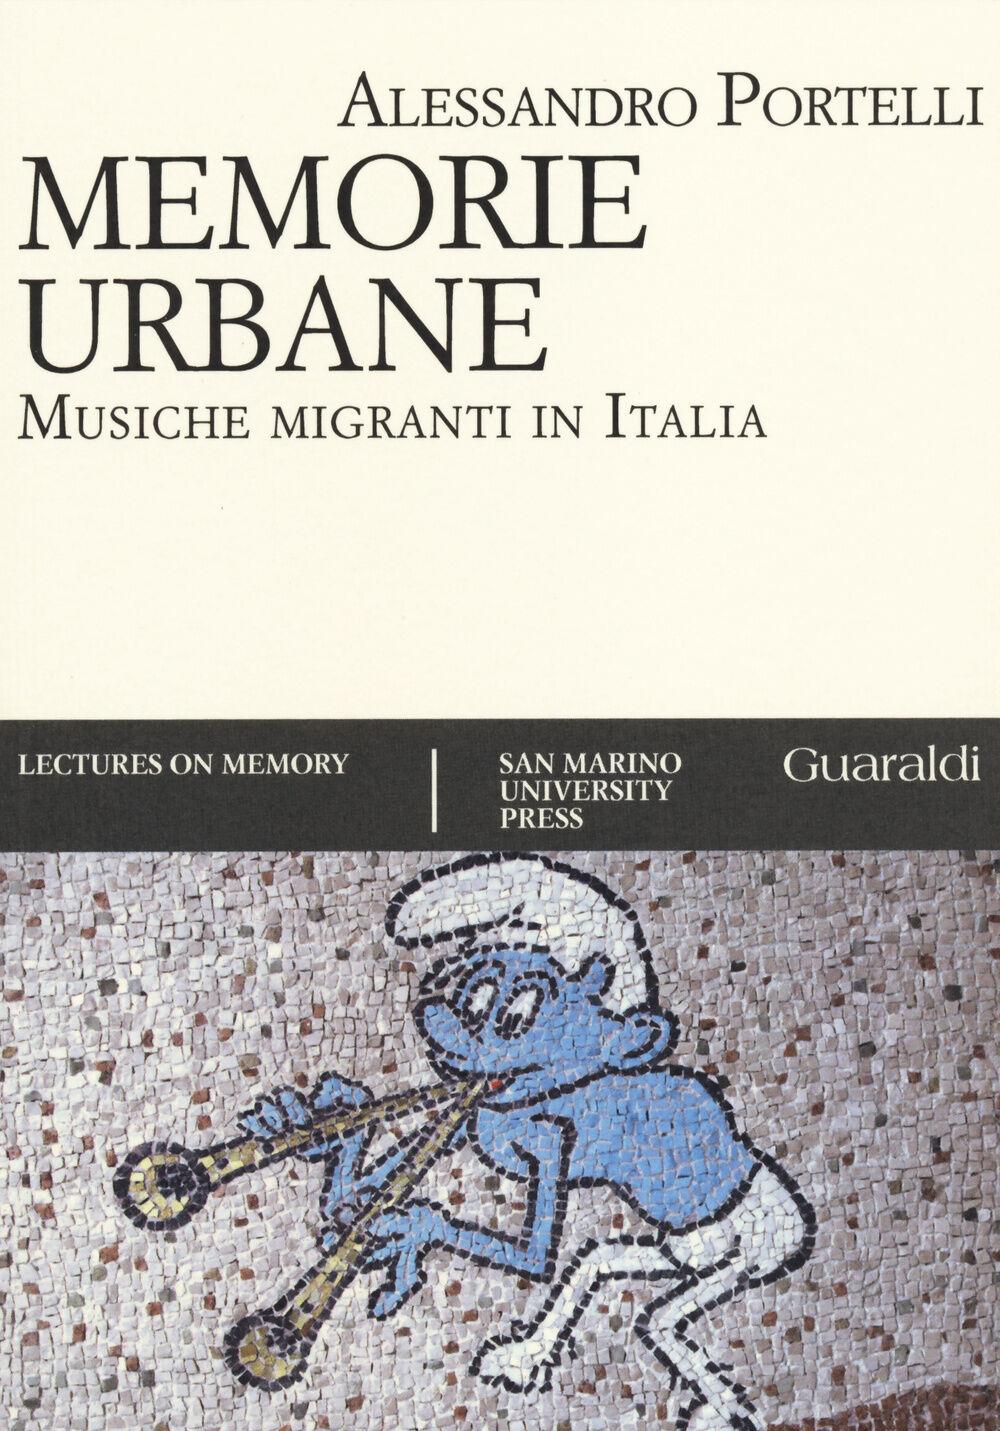 Memorie urbane. Musiche migranti in Italia